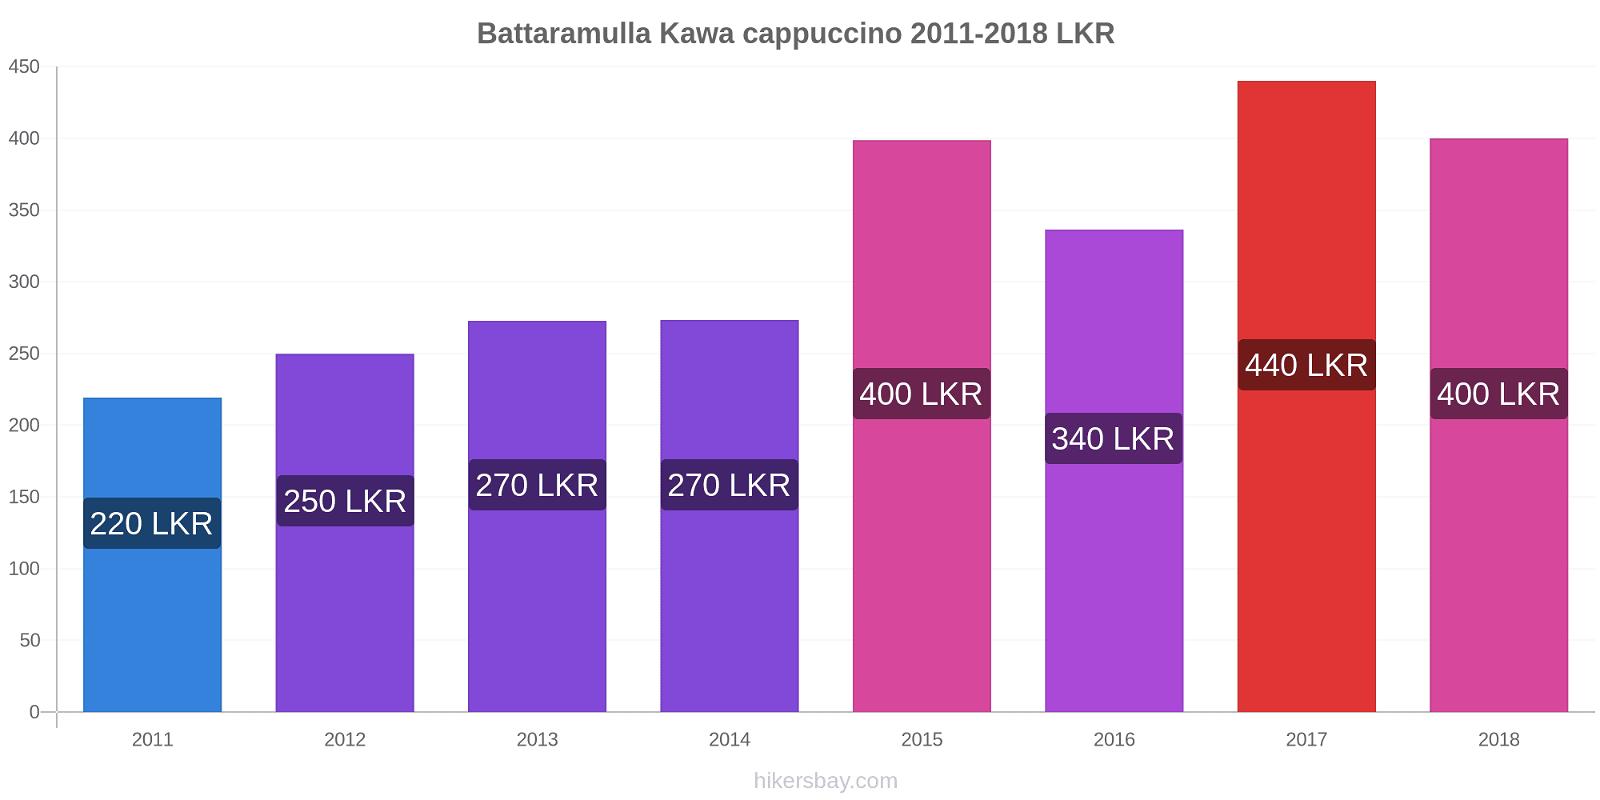 Battaramulla zmiany cen Kawa cappuccino hikersbay.com